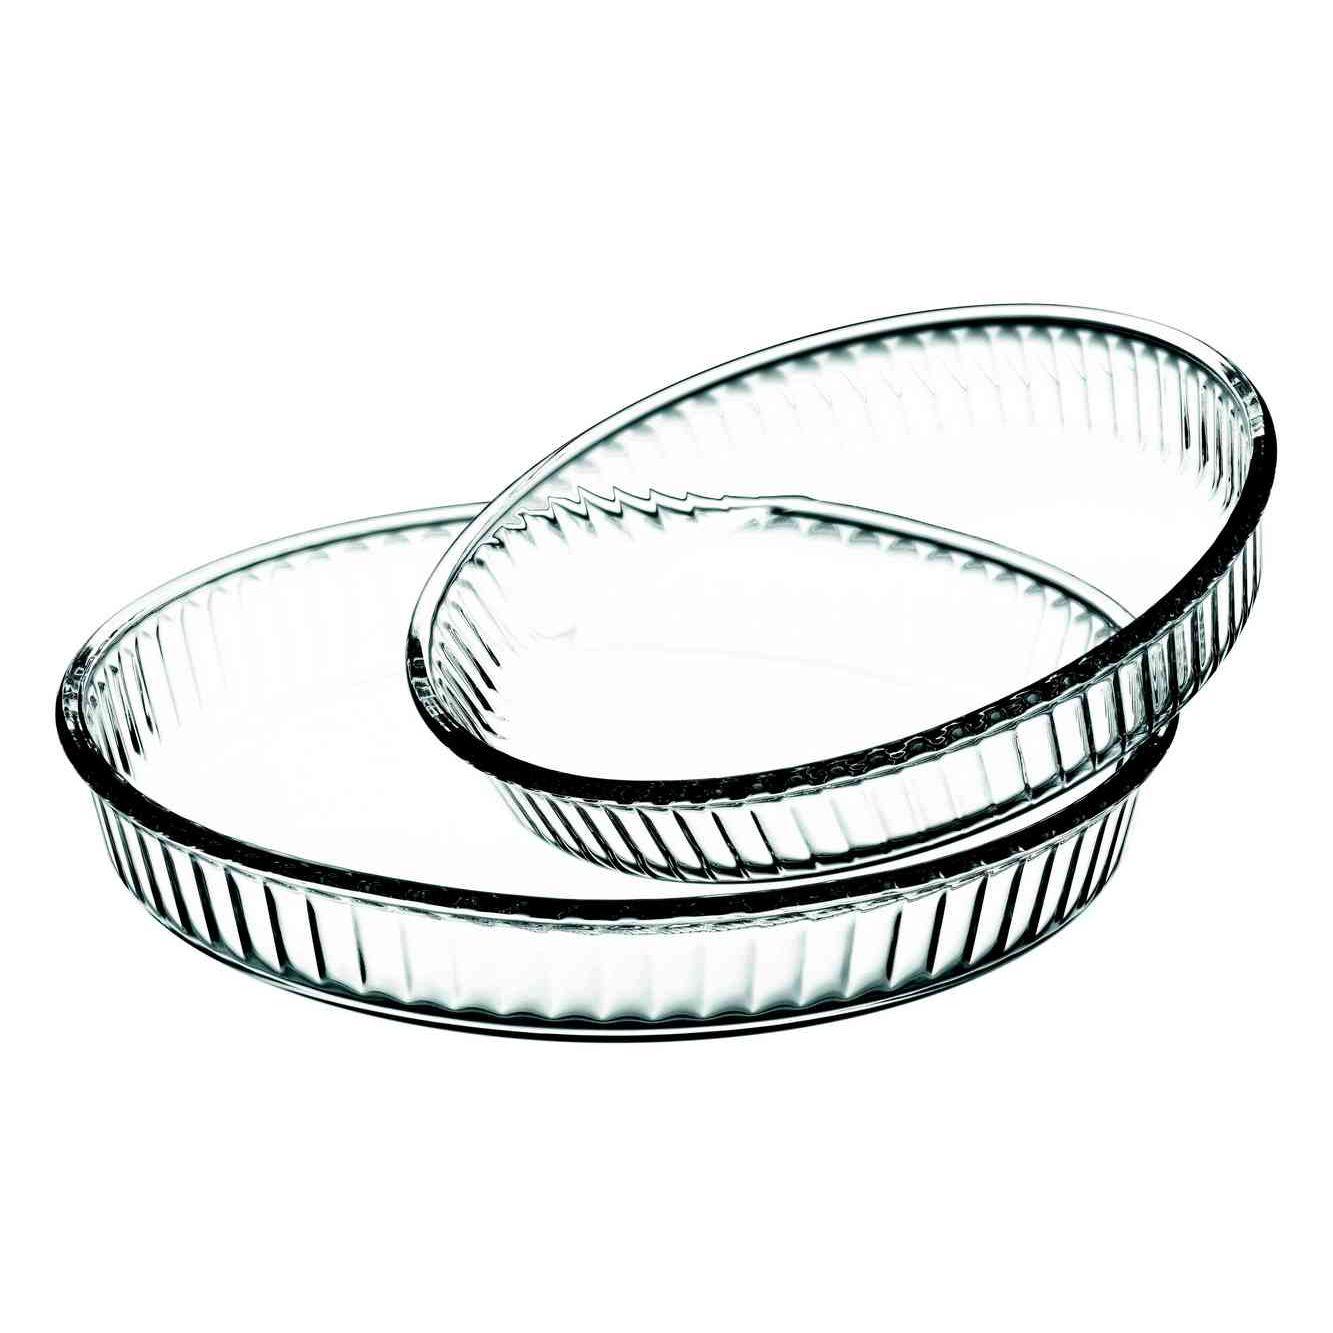 Набор форм для запекания 2 предметаНабор посуды для СВЧ 2 пр (круглые формы для запекания d 320 мм + d 260 мм) 2,6 л+1,6 л<br>